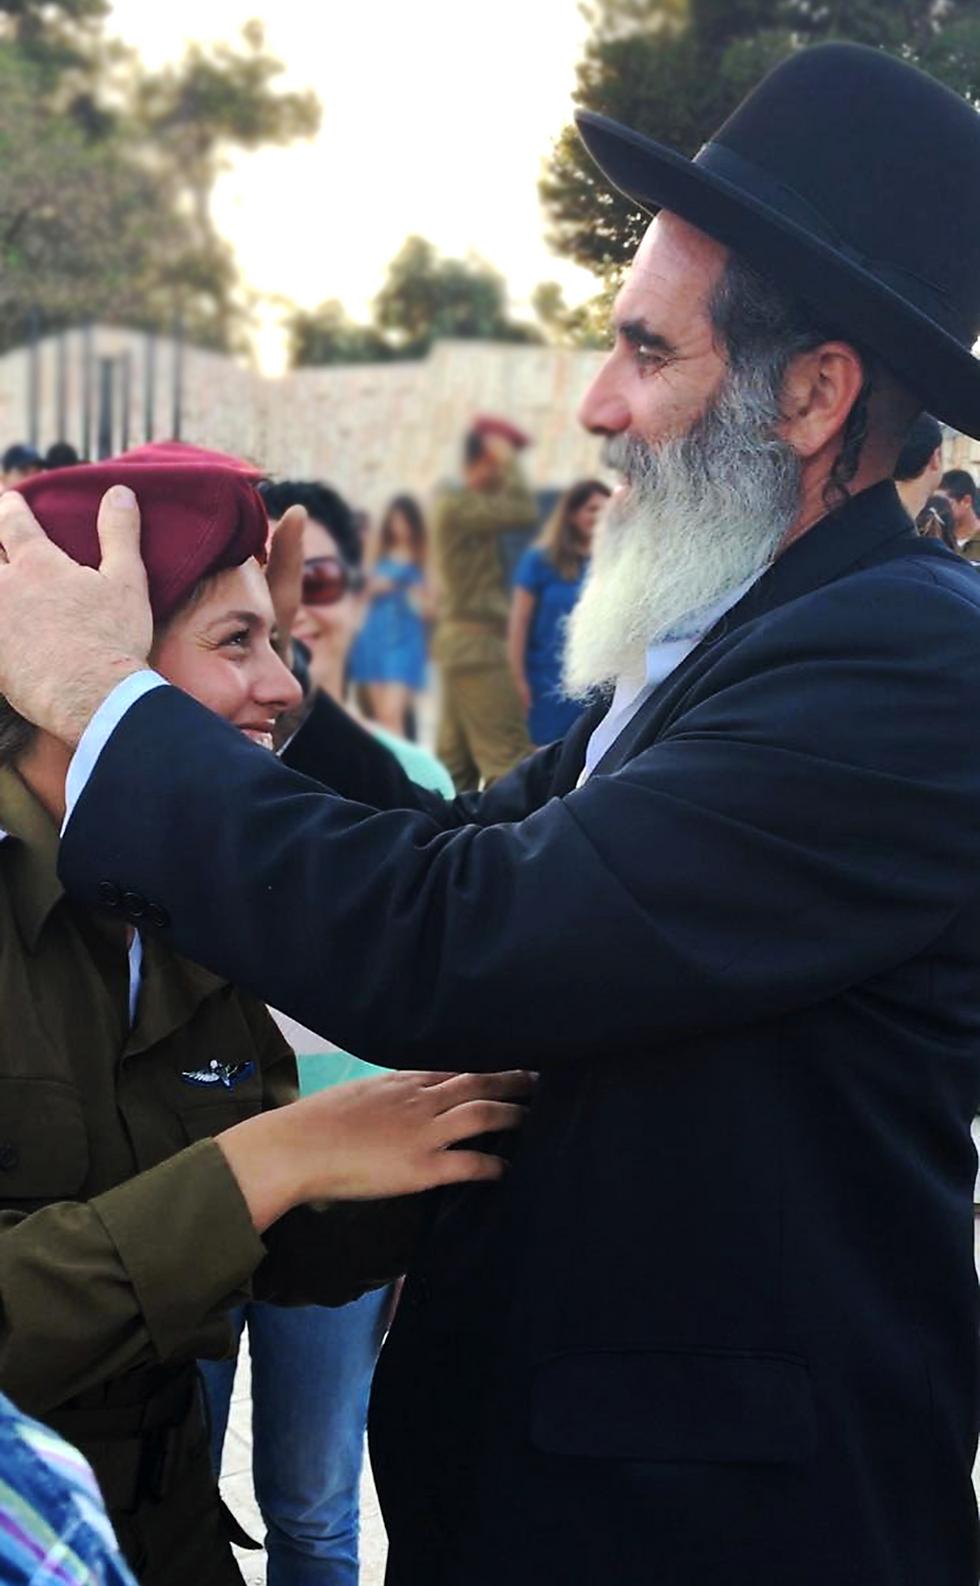 בתמונה - זה אבא שלי. והוא מעניק לאחותי-בתו את הכומתה שלו משירותו בצבא ביחידה מובחרת, לאחר מסע הכומתה שלה כמדריכת צניחה (צילום:  ירדן הררי) (צילום:  ירדן הררי)